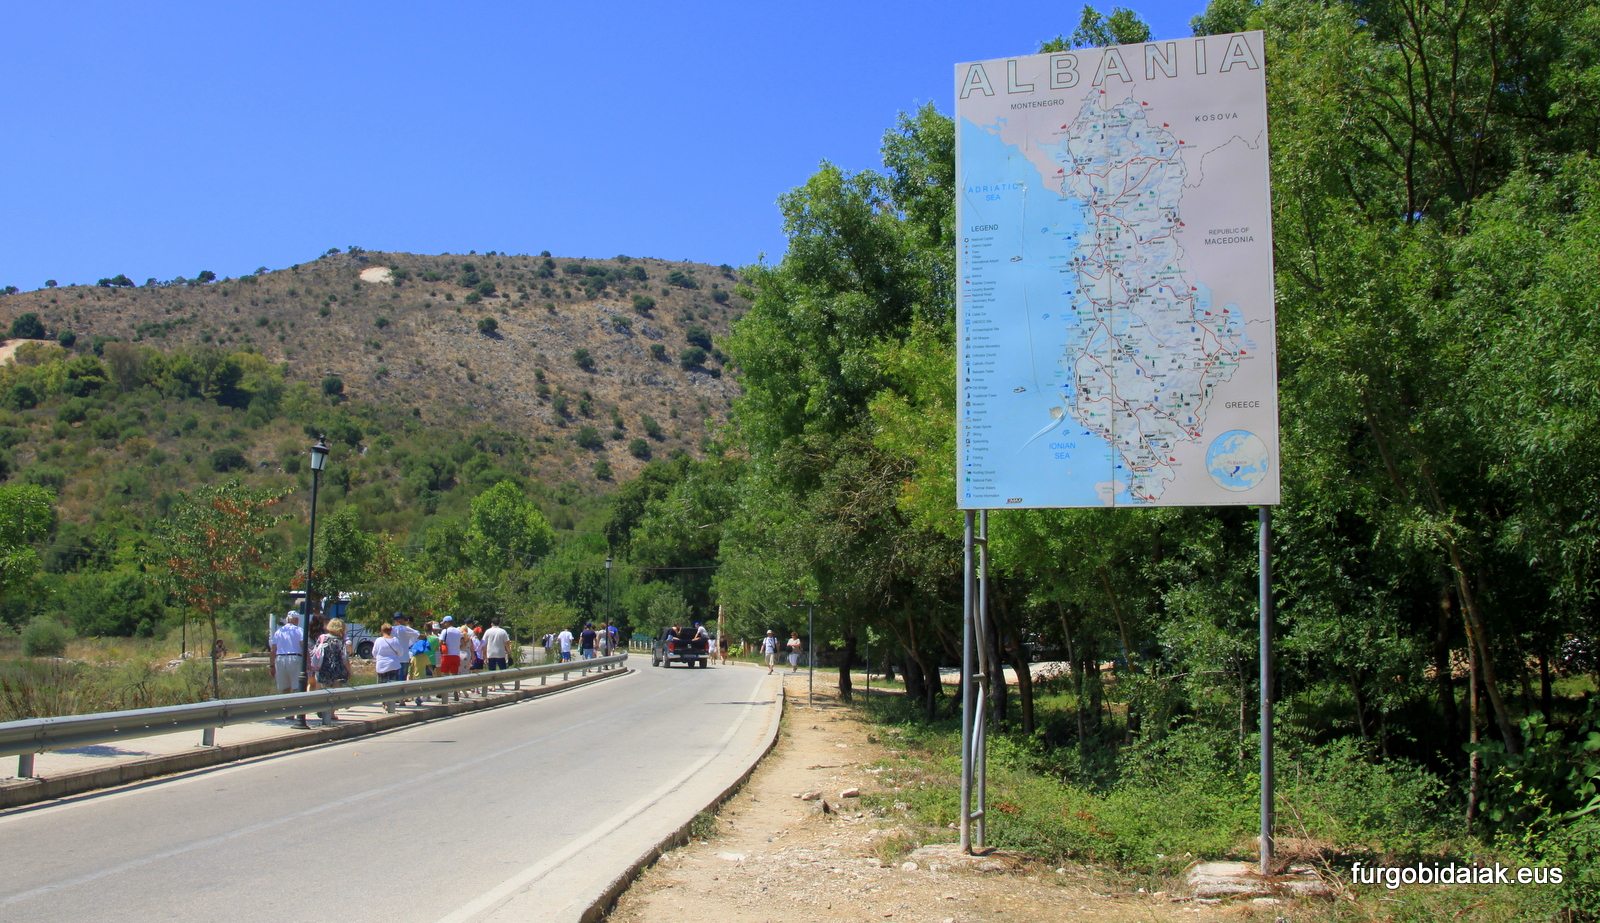 Cartel de información, nuestros tips de viaje por Albania